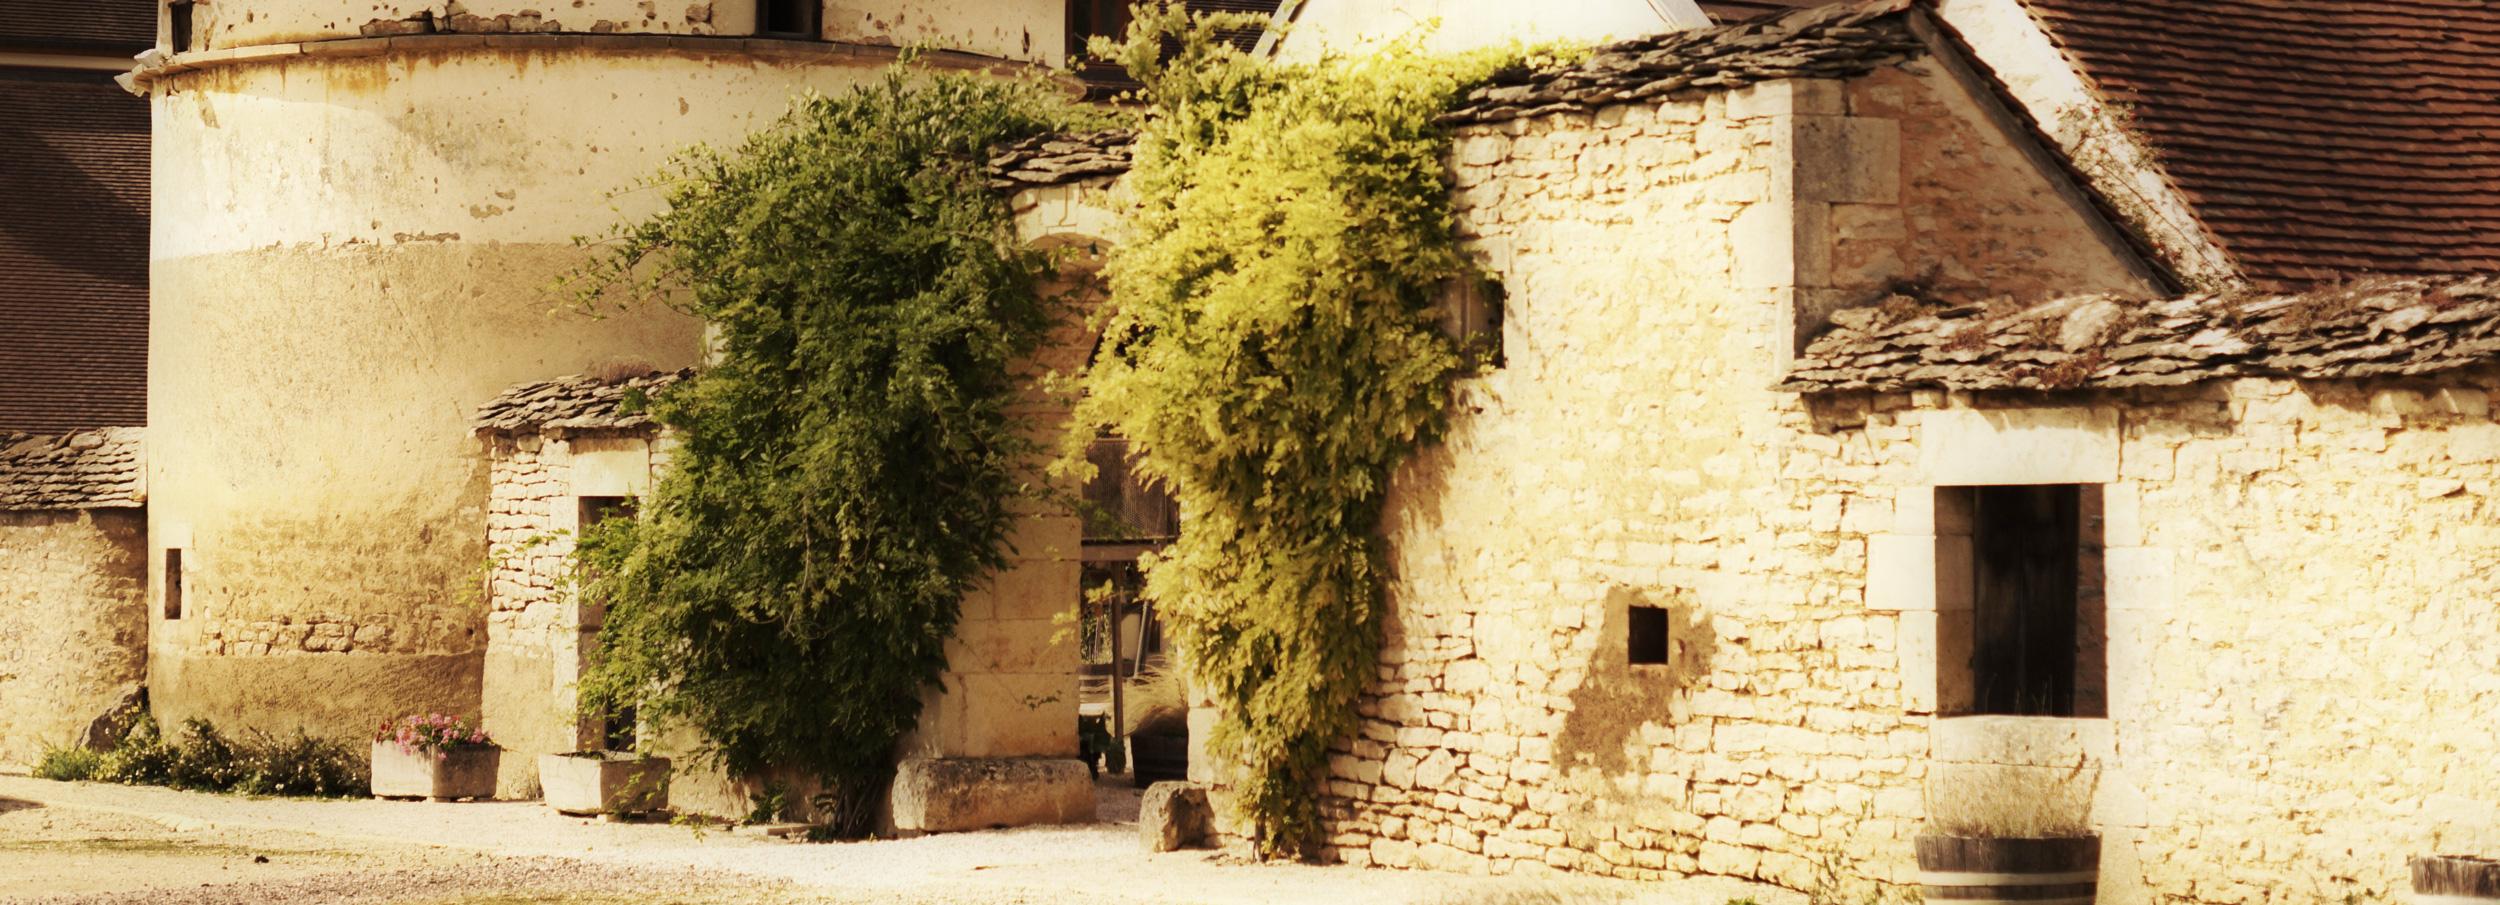 Domaine-vignoble-flavigny-alesia-tonneaux-pigeonnier-2